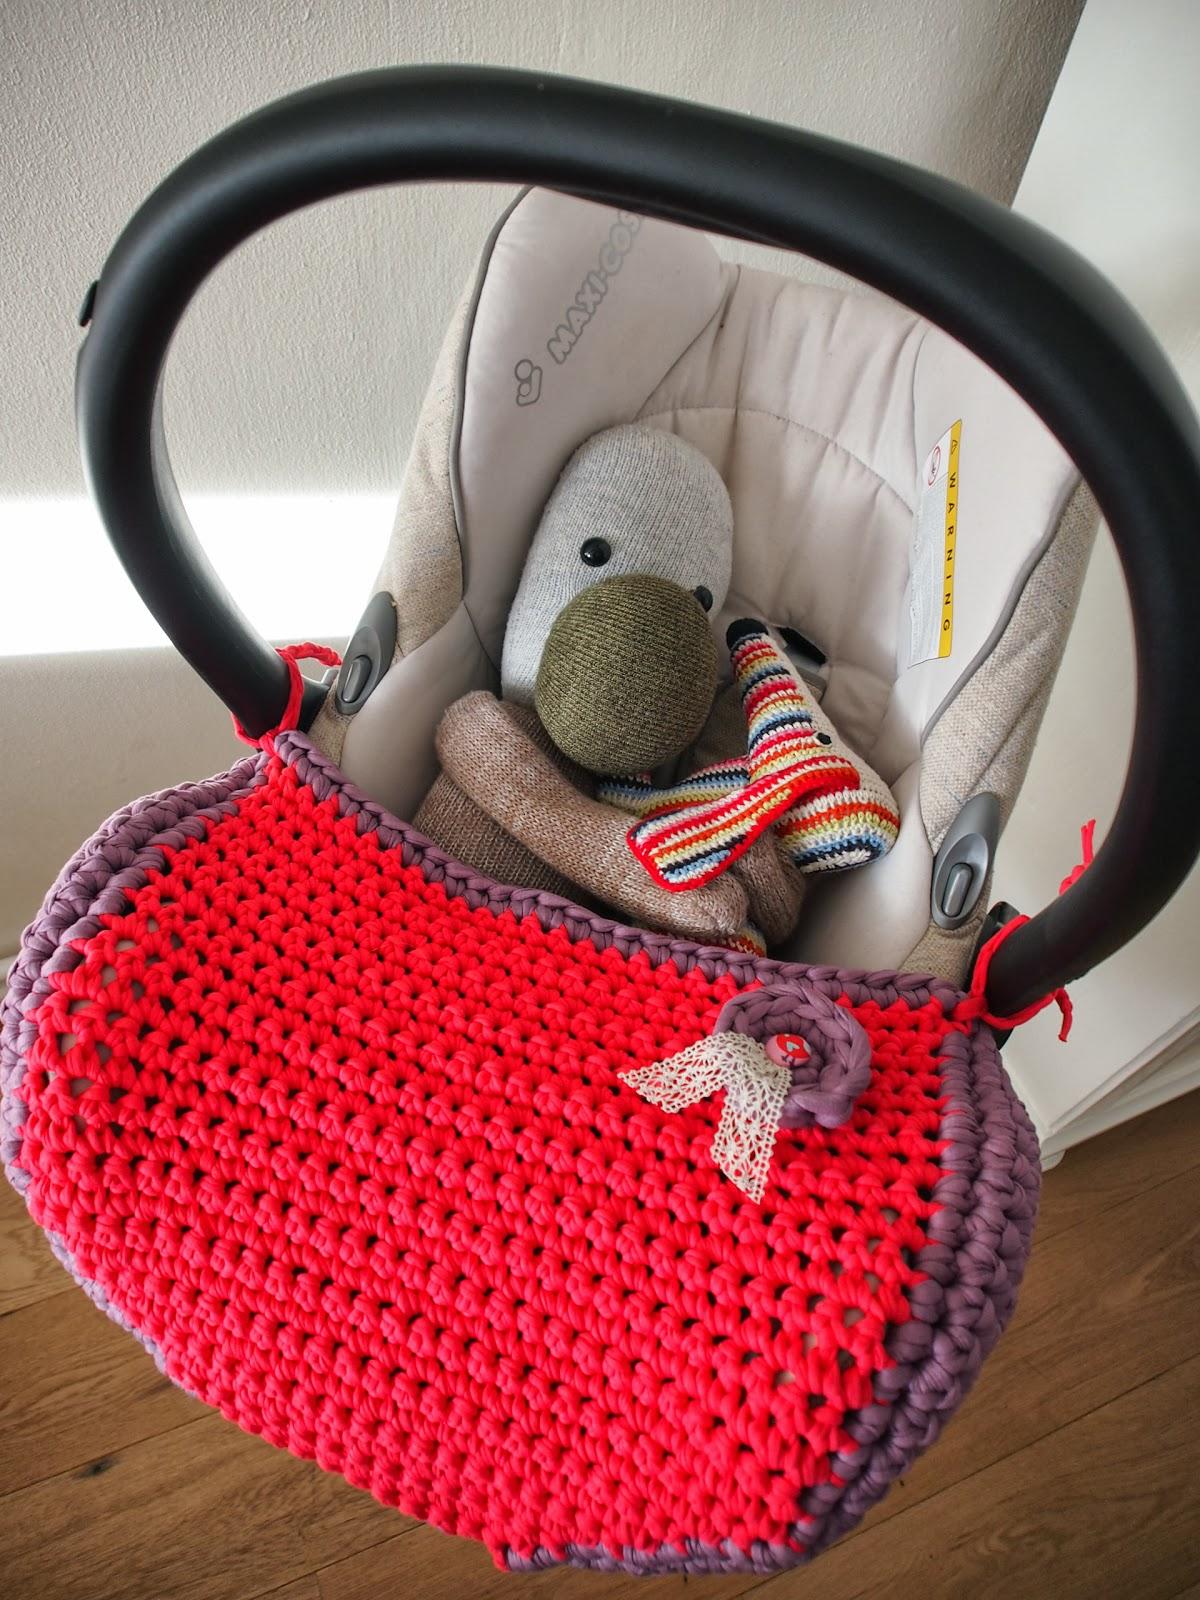 Mejuffrouw B Crochet To The Maxi Cosi